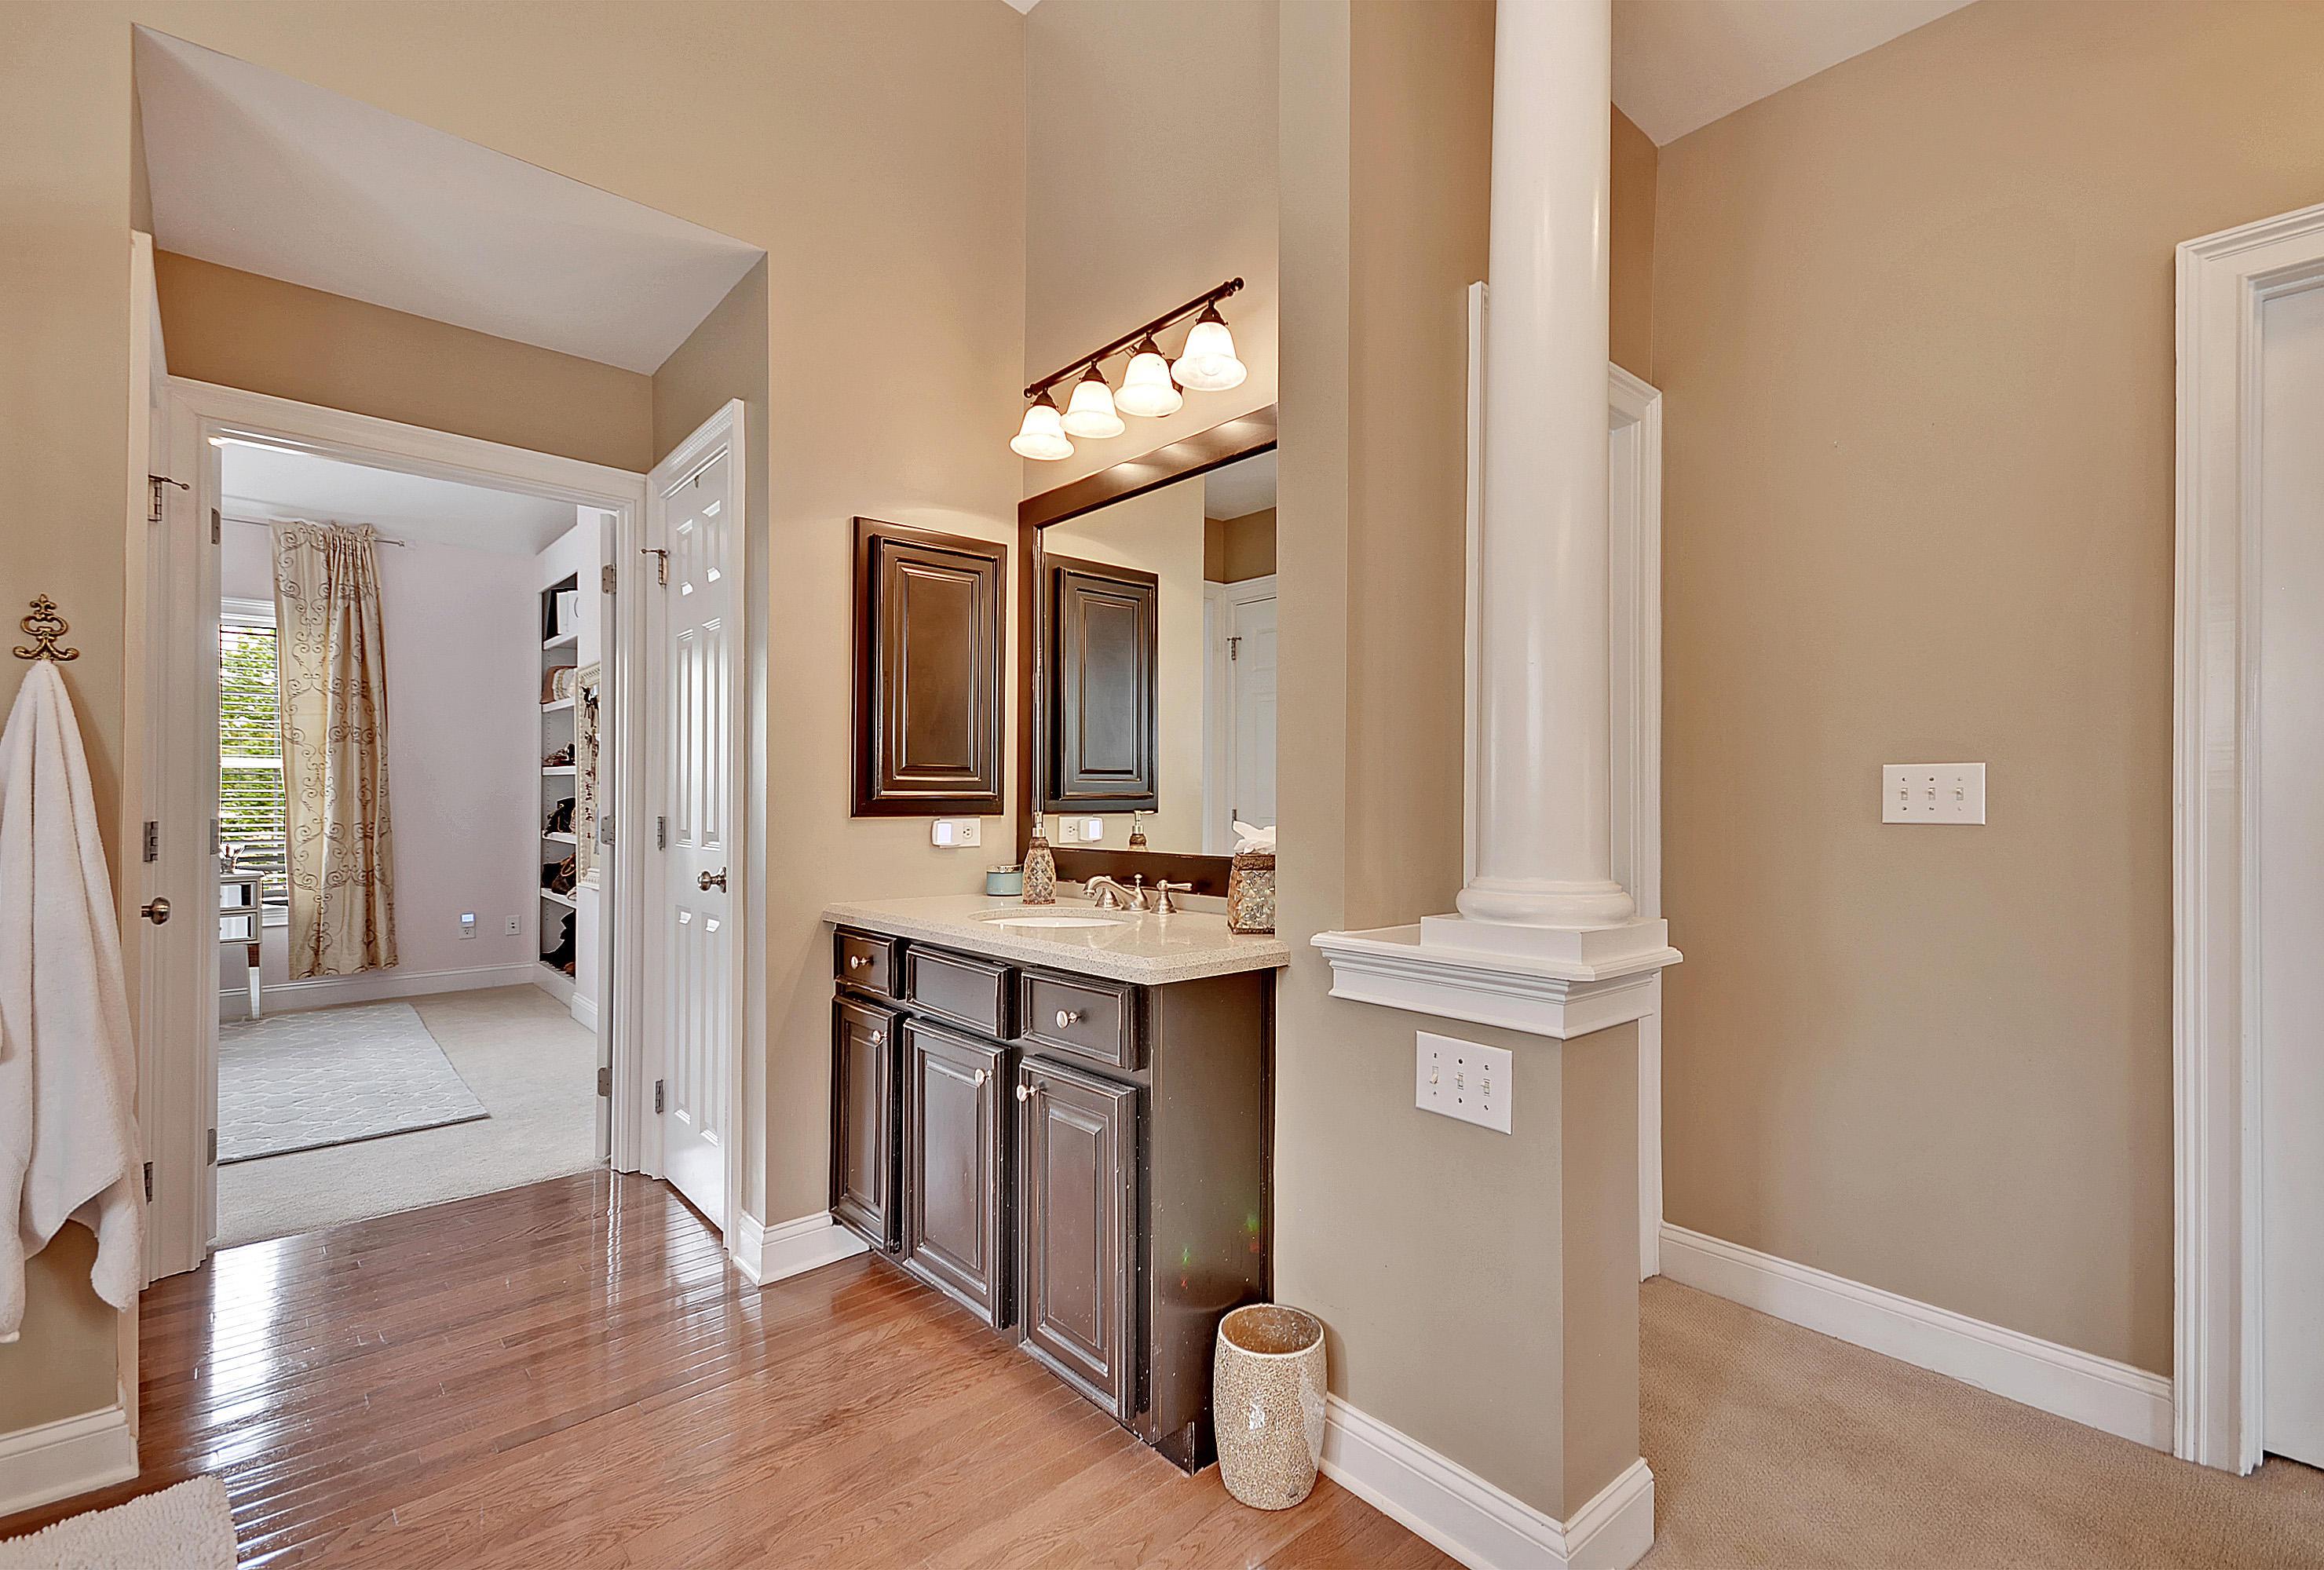 Dunes West Homes For Sale - 2708 Oak Manor, Mount Pleasant, SC - 56